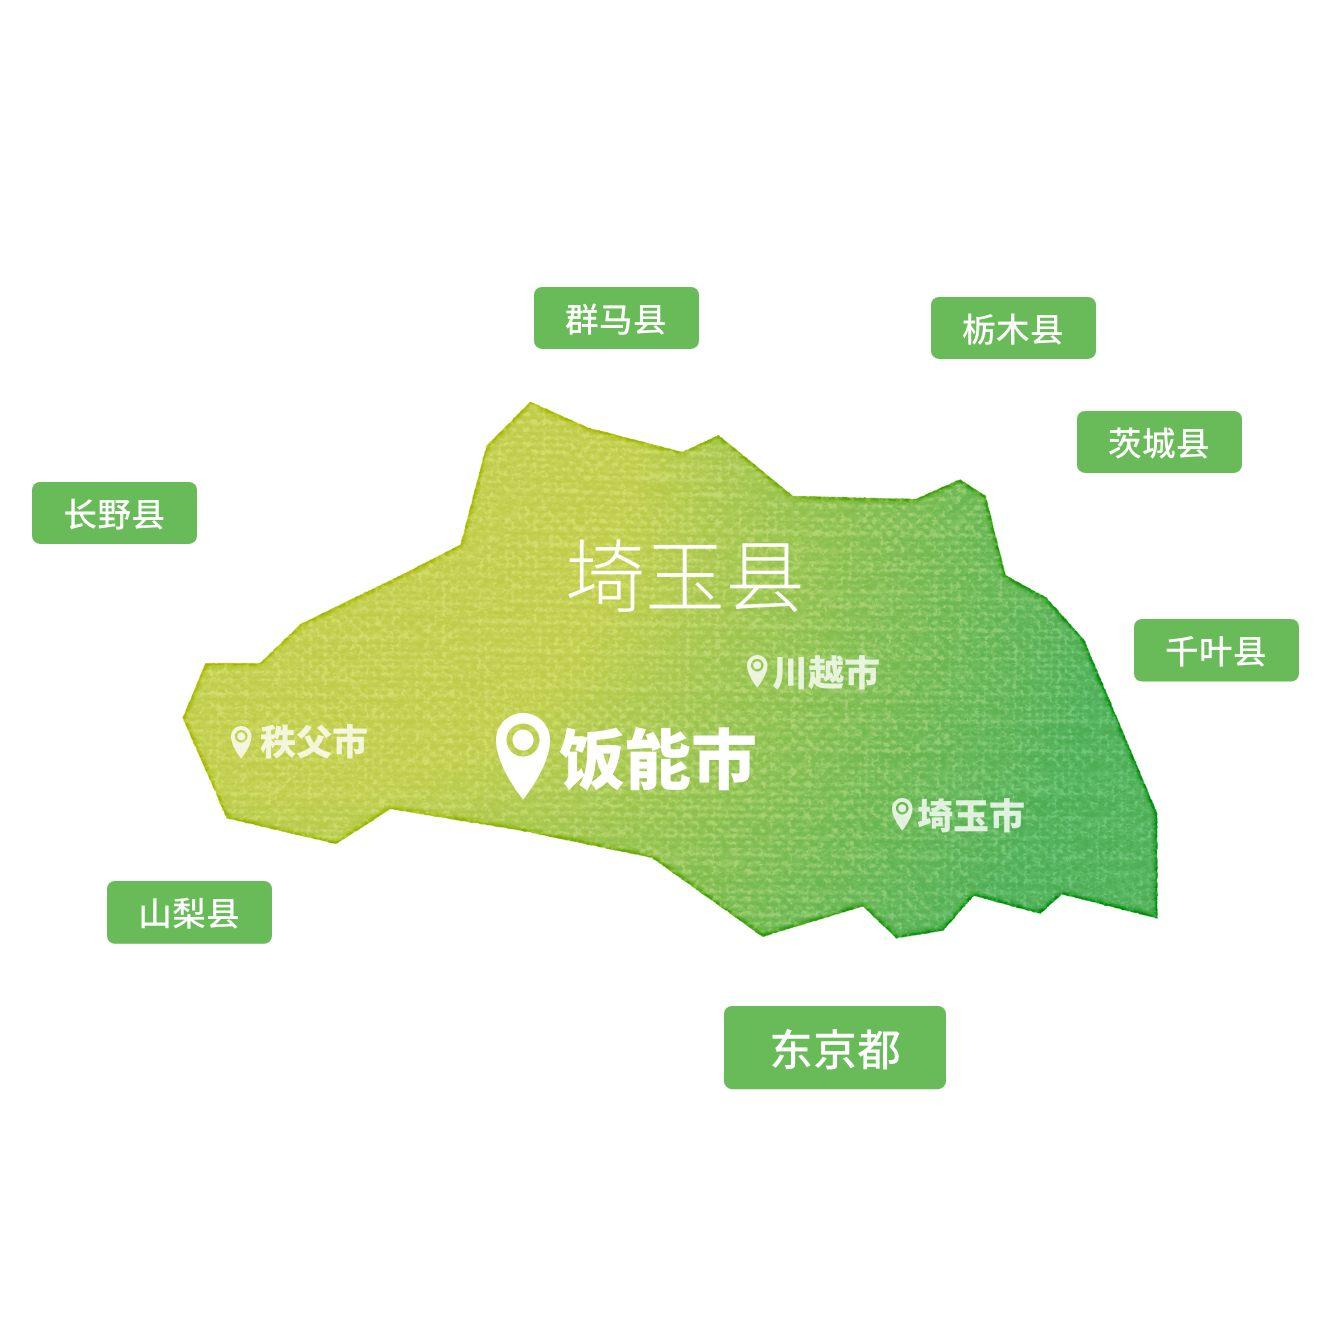 饭能市的地理位置